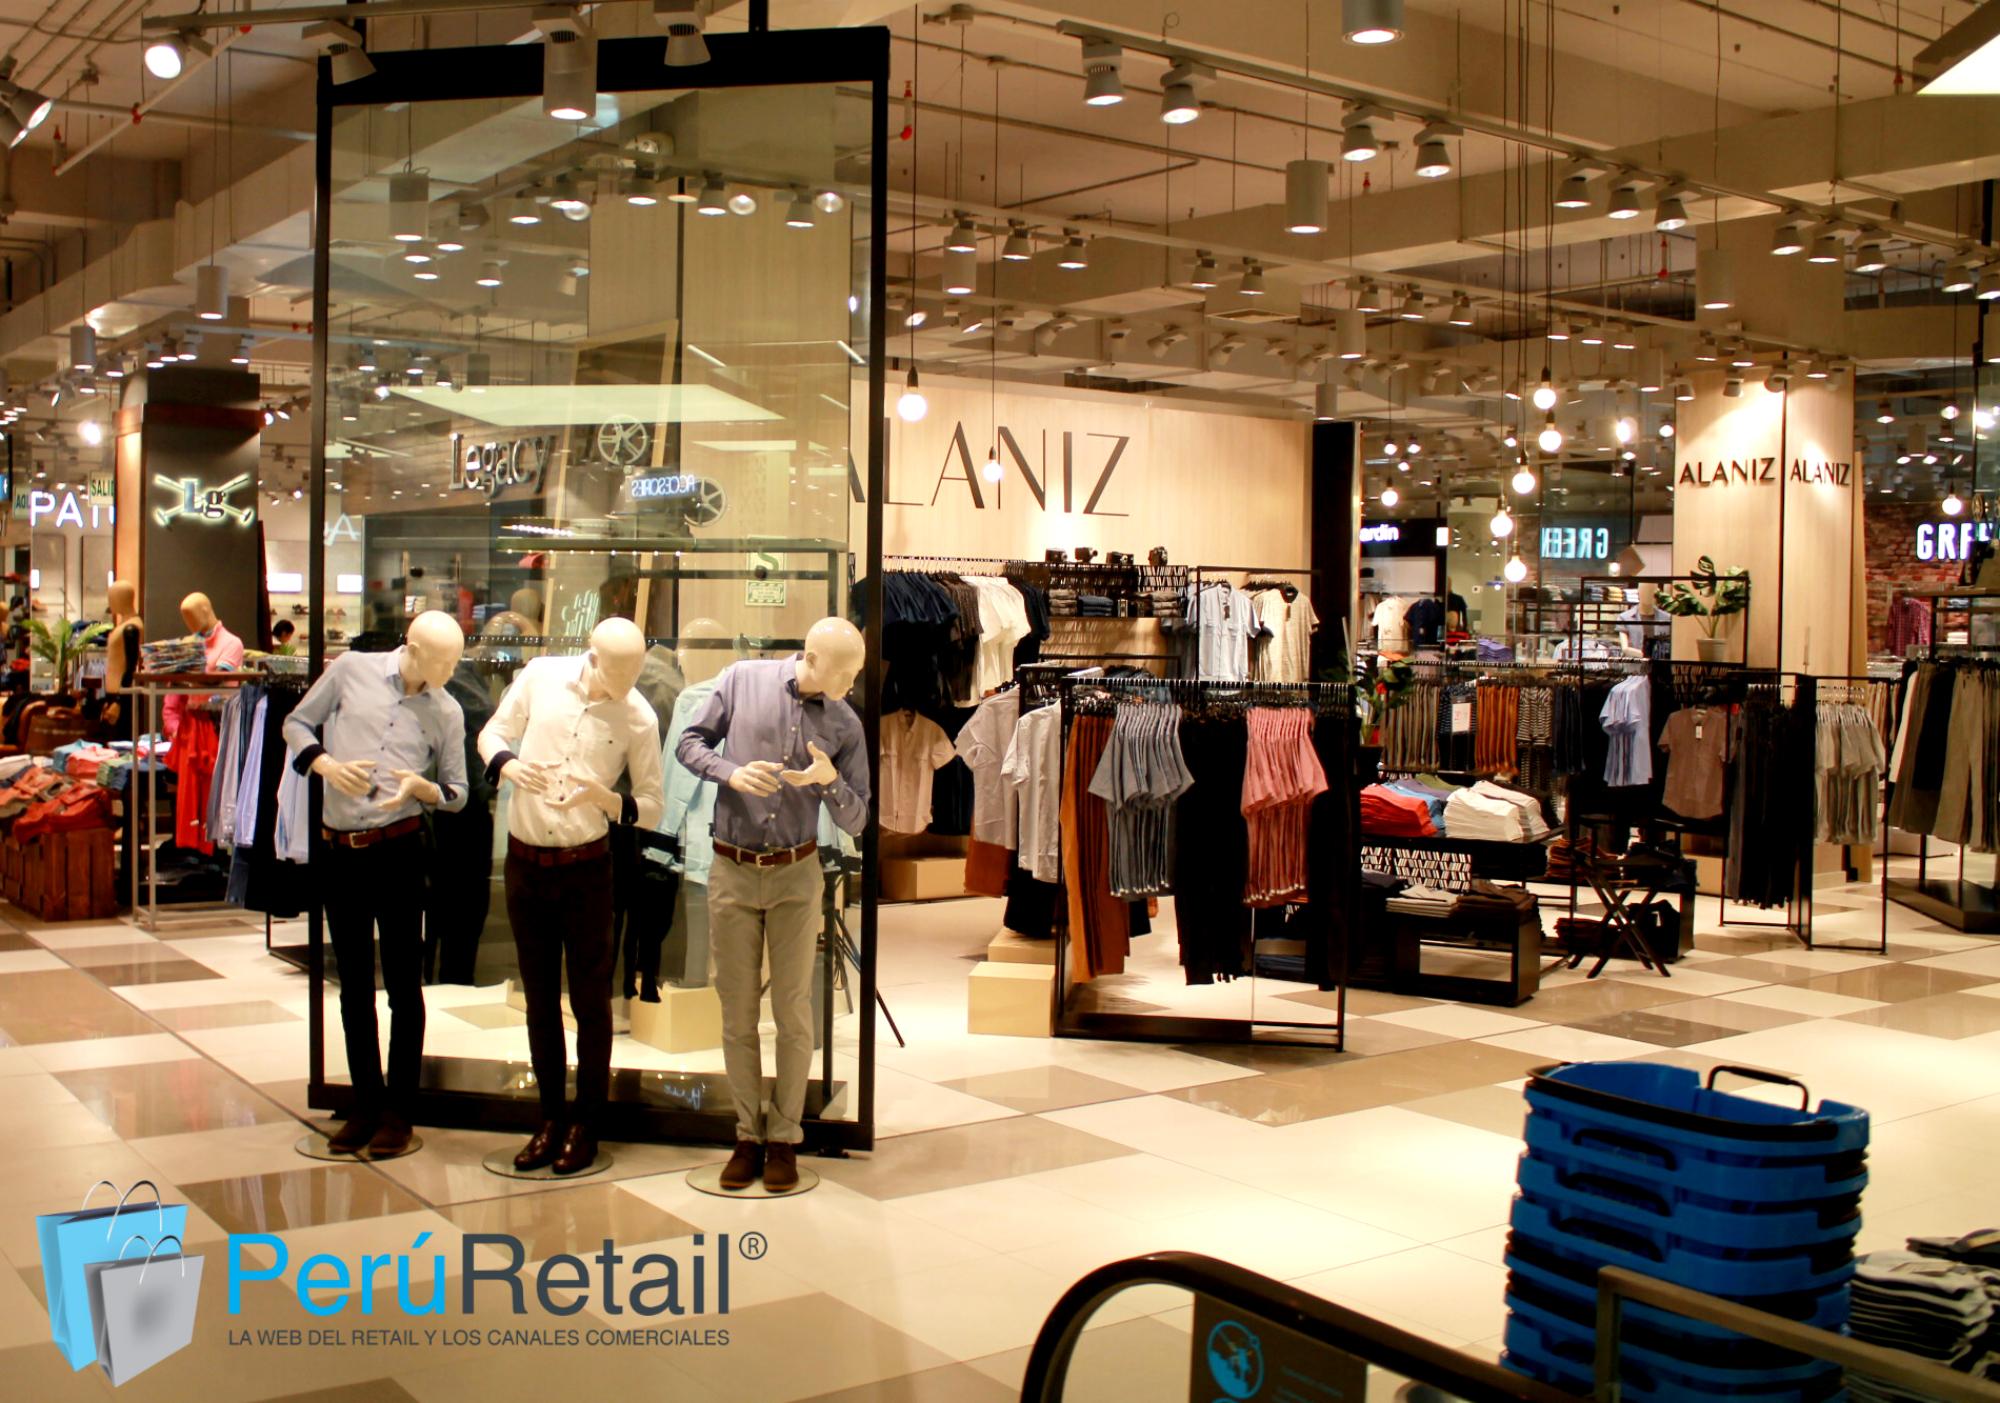 Paris 1811 peru retail - Paris abrirá este sábado su tienda número 11 en Mall del Sur